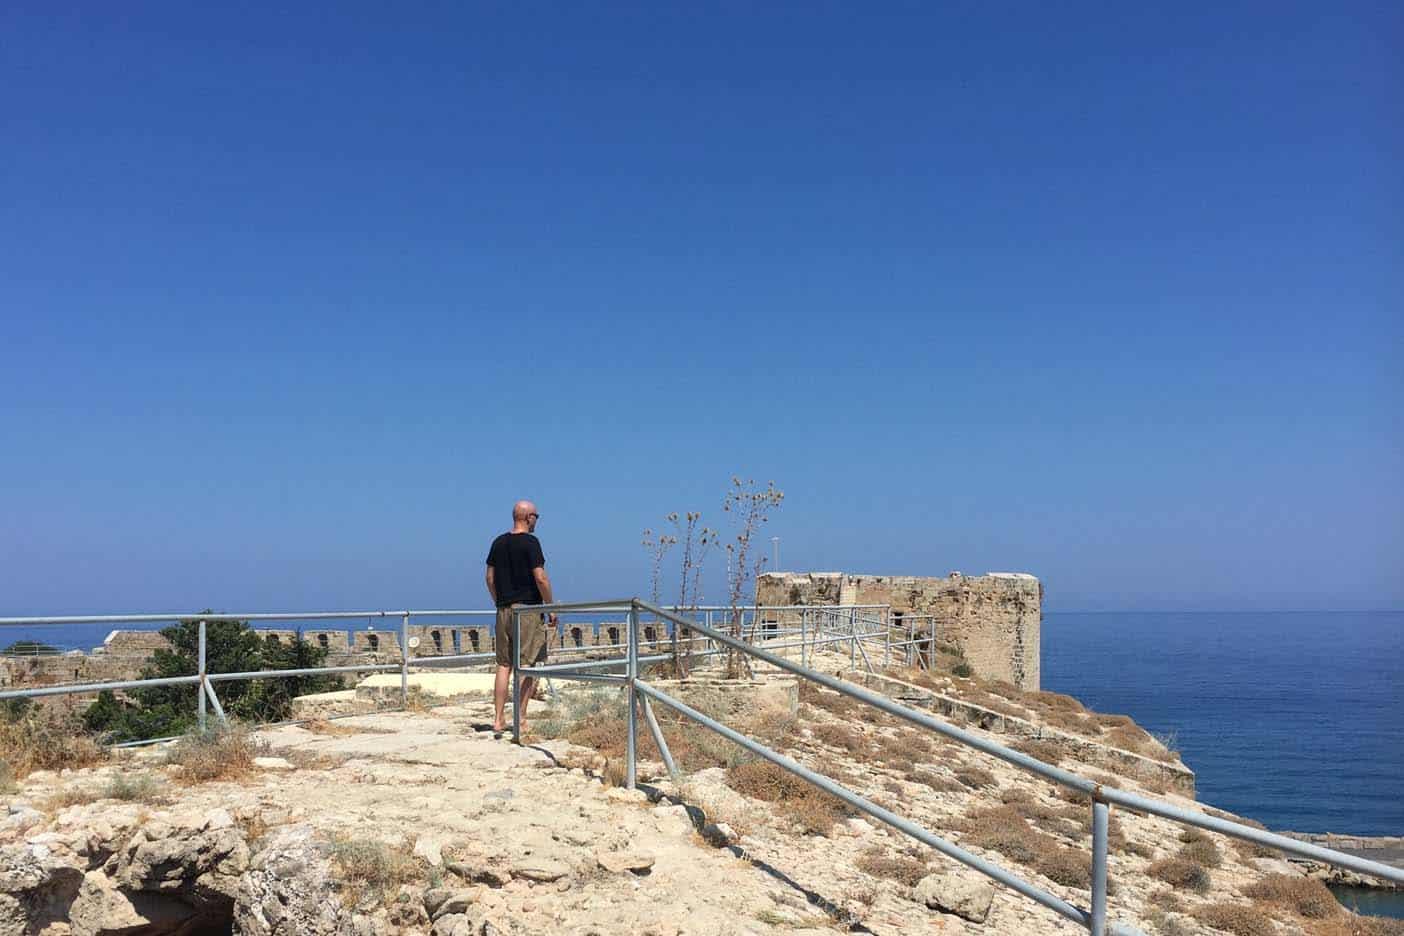 Noord-cyprus